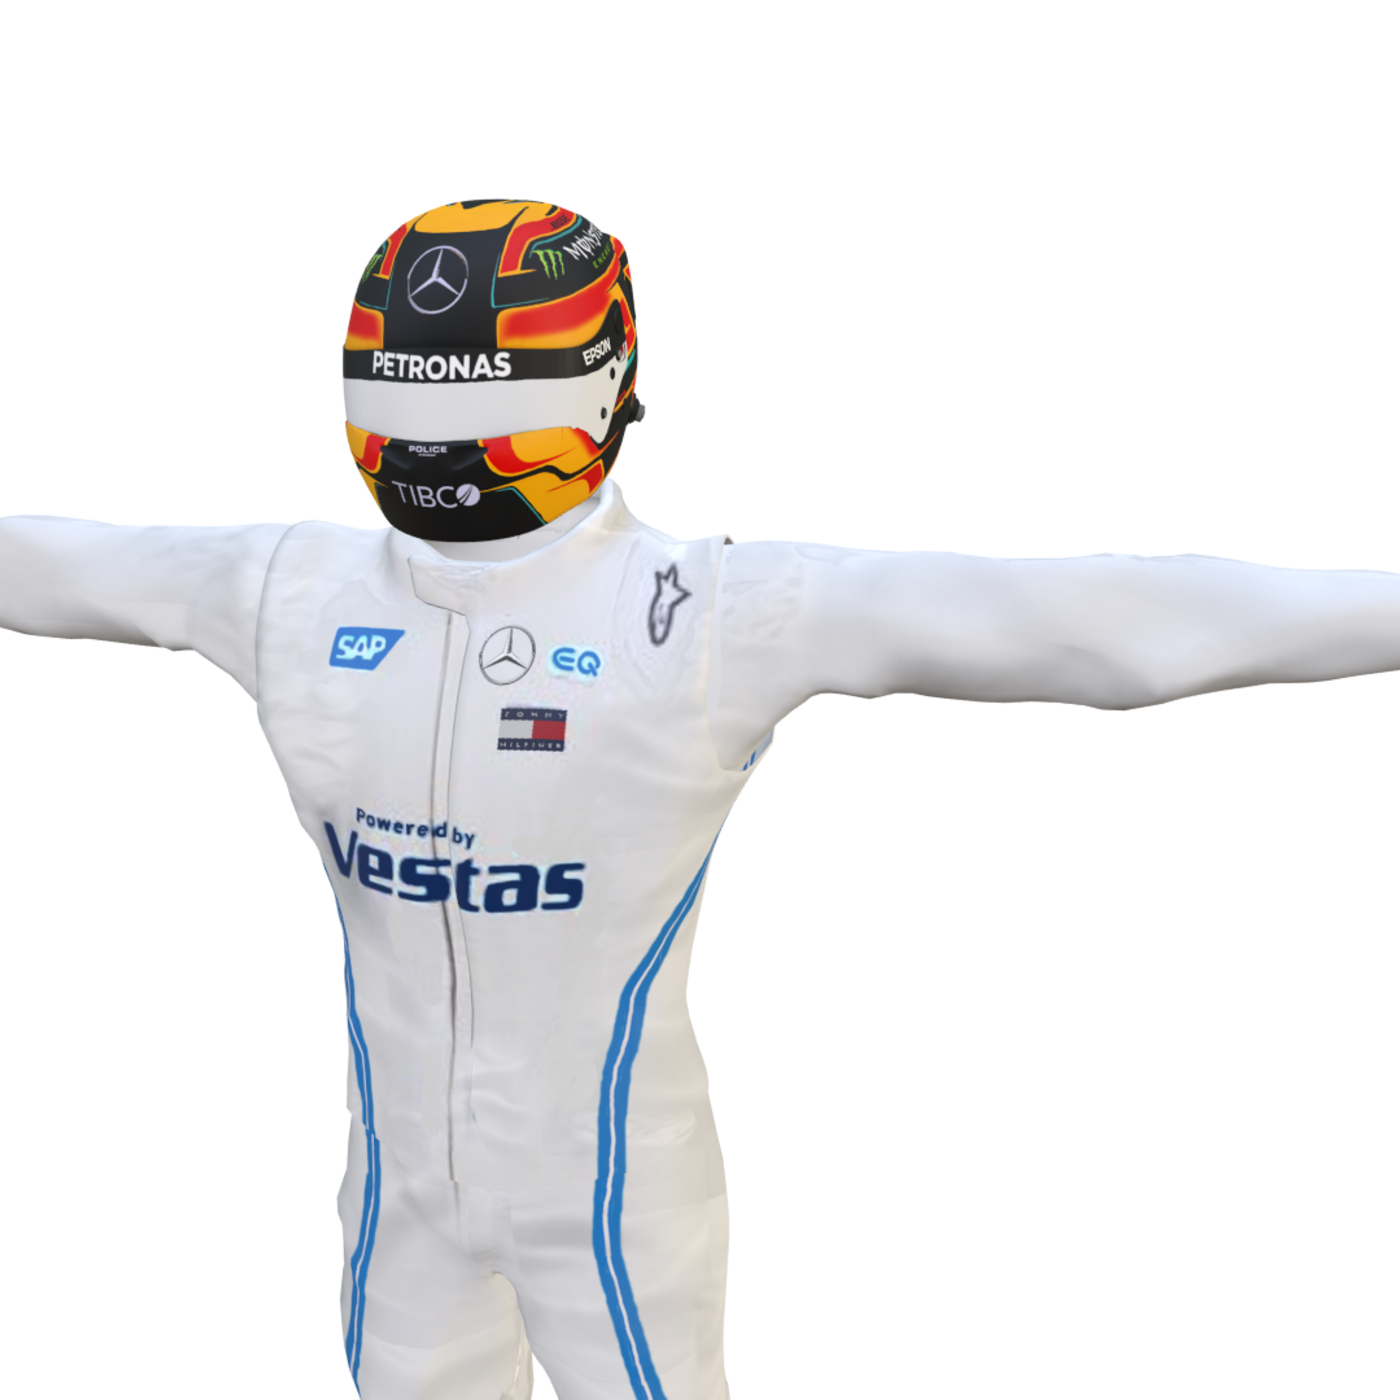 Stoffel Vandoorne racing suit and helmet